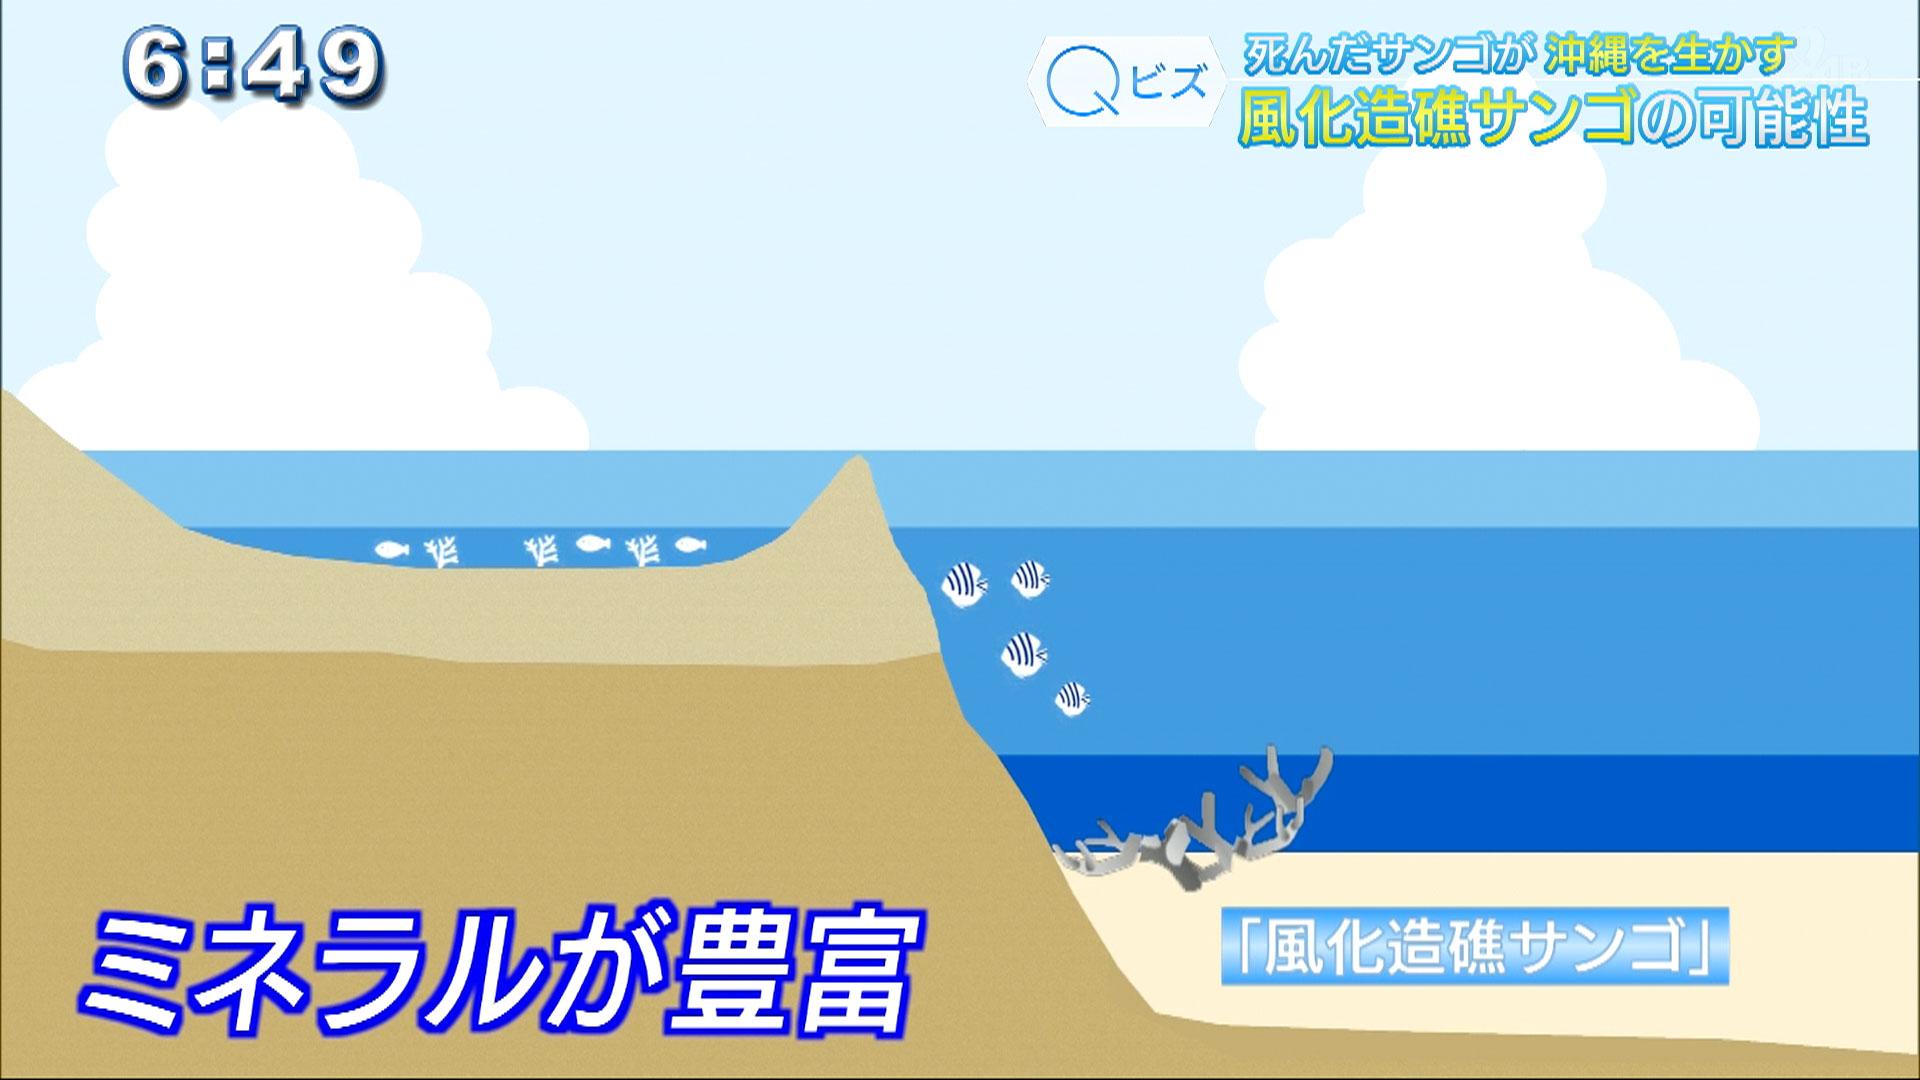 Qビズ 死んだサンゴが沖縄を生かす 風化造礁サンゴの可能性